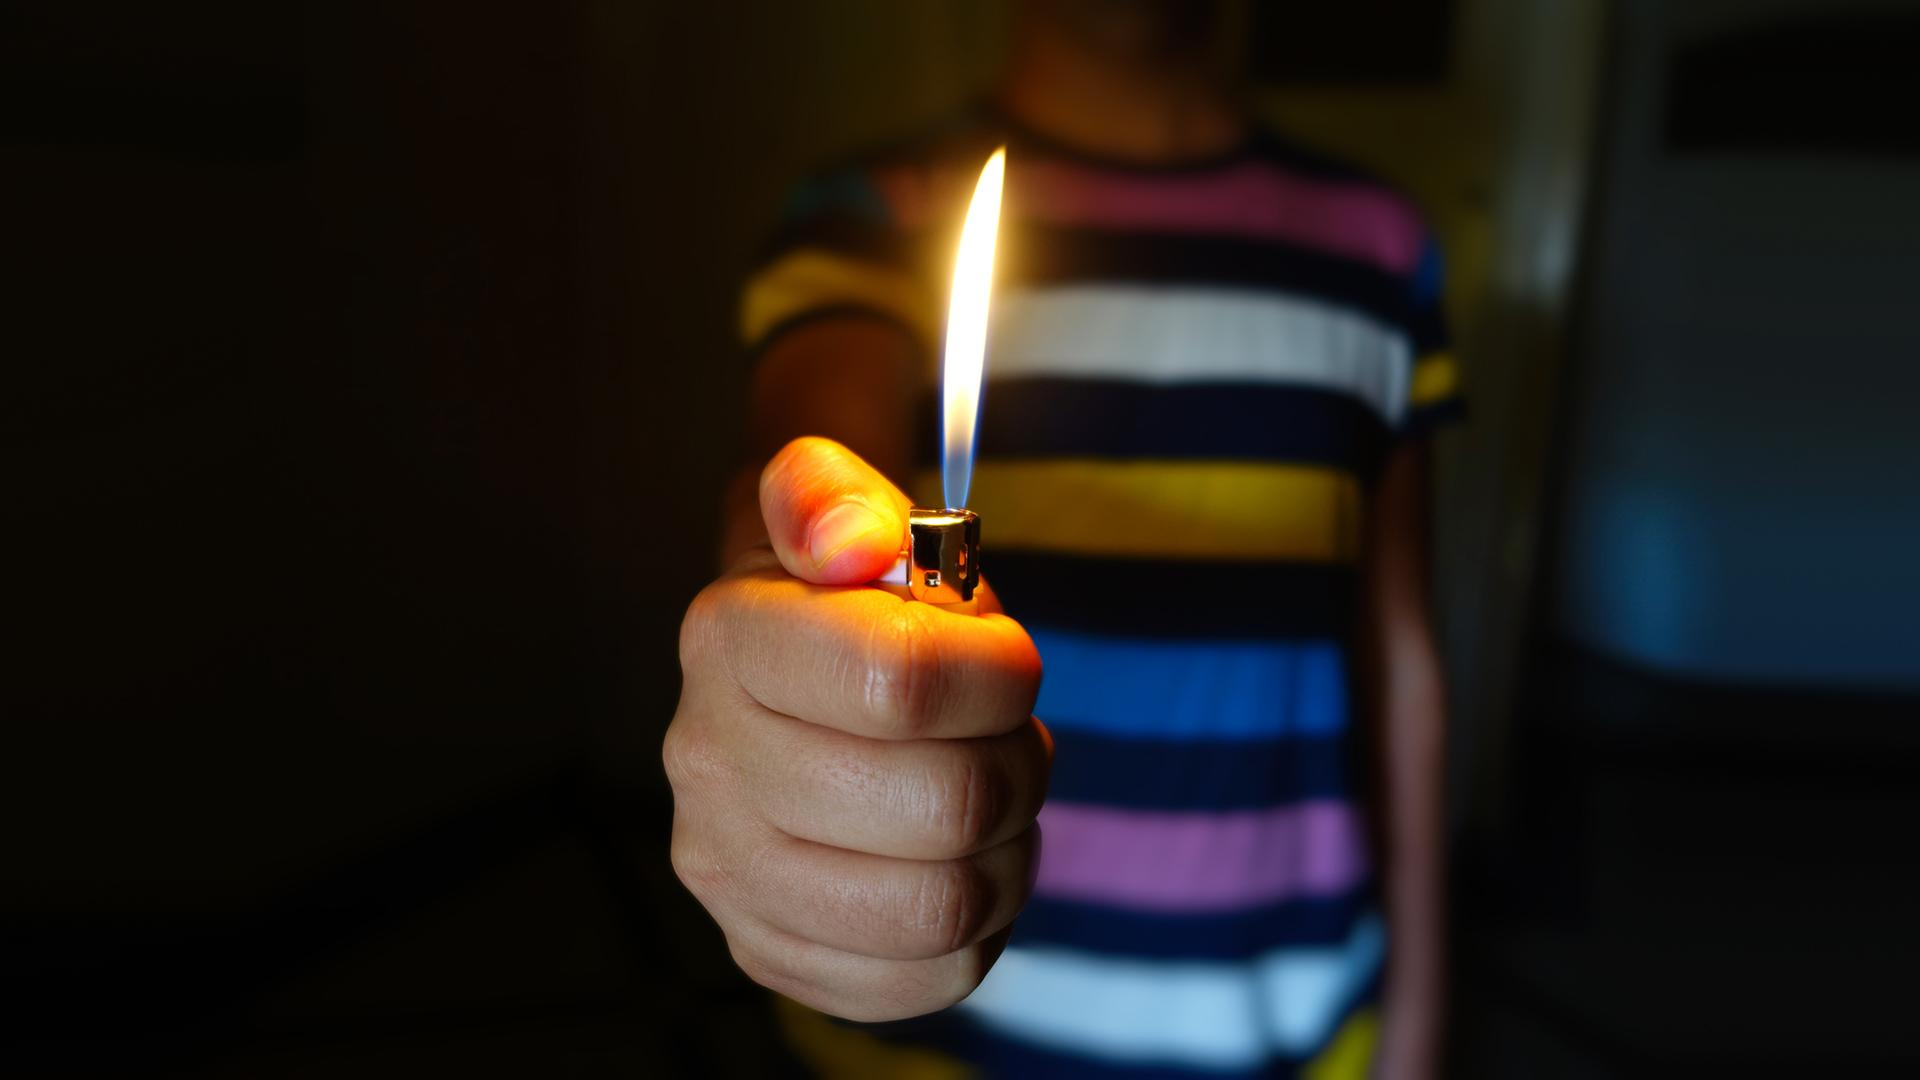 В Курской области 6-летний ребенок чуть не сжег квартиру